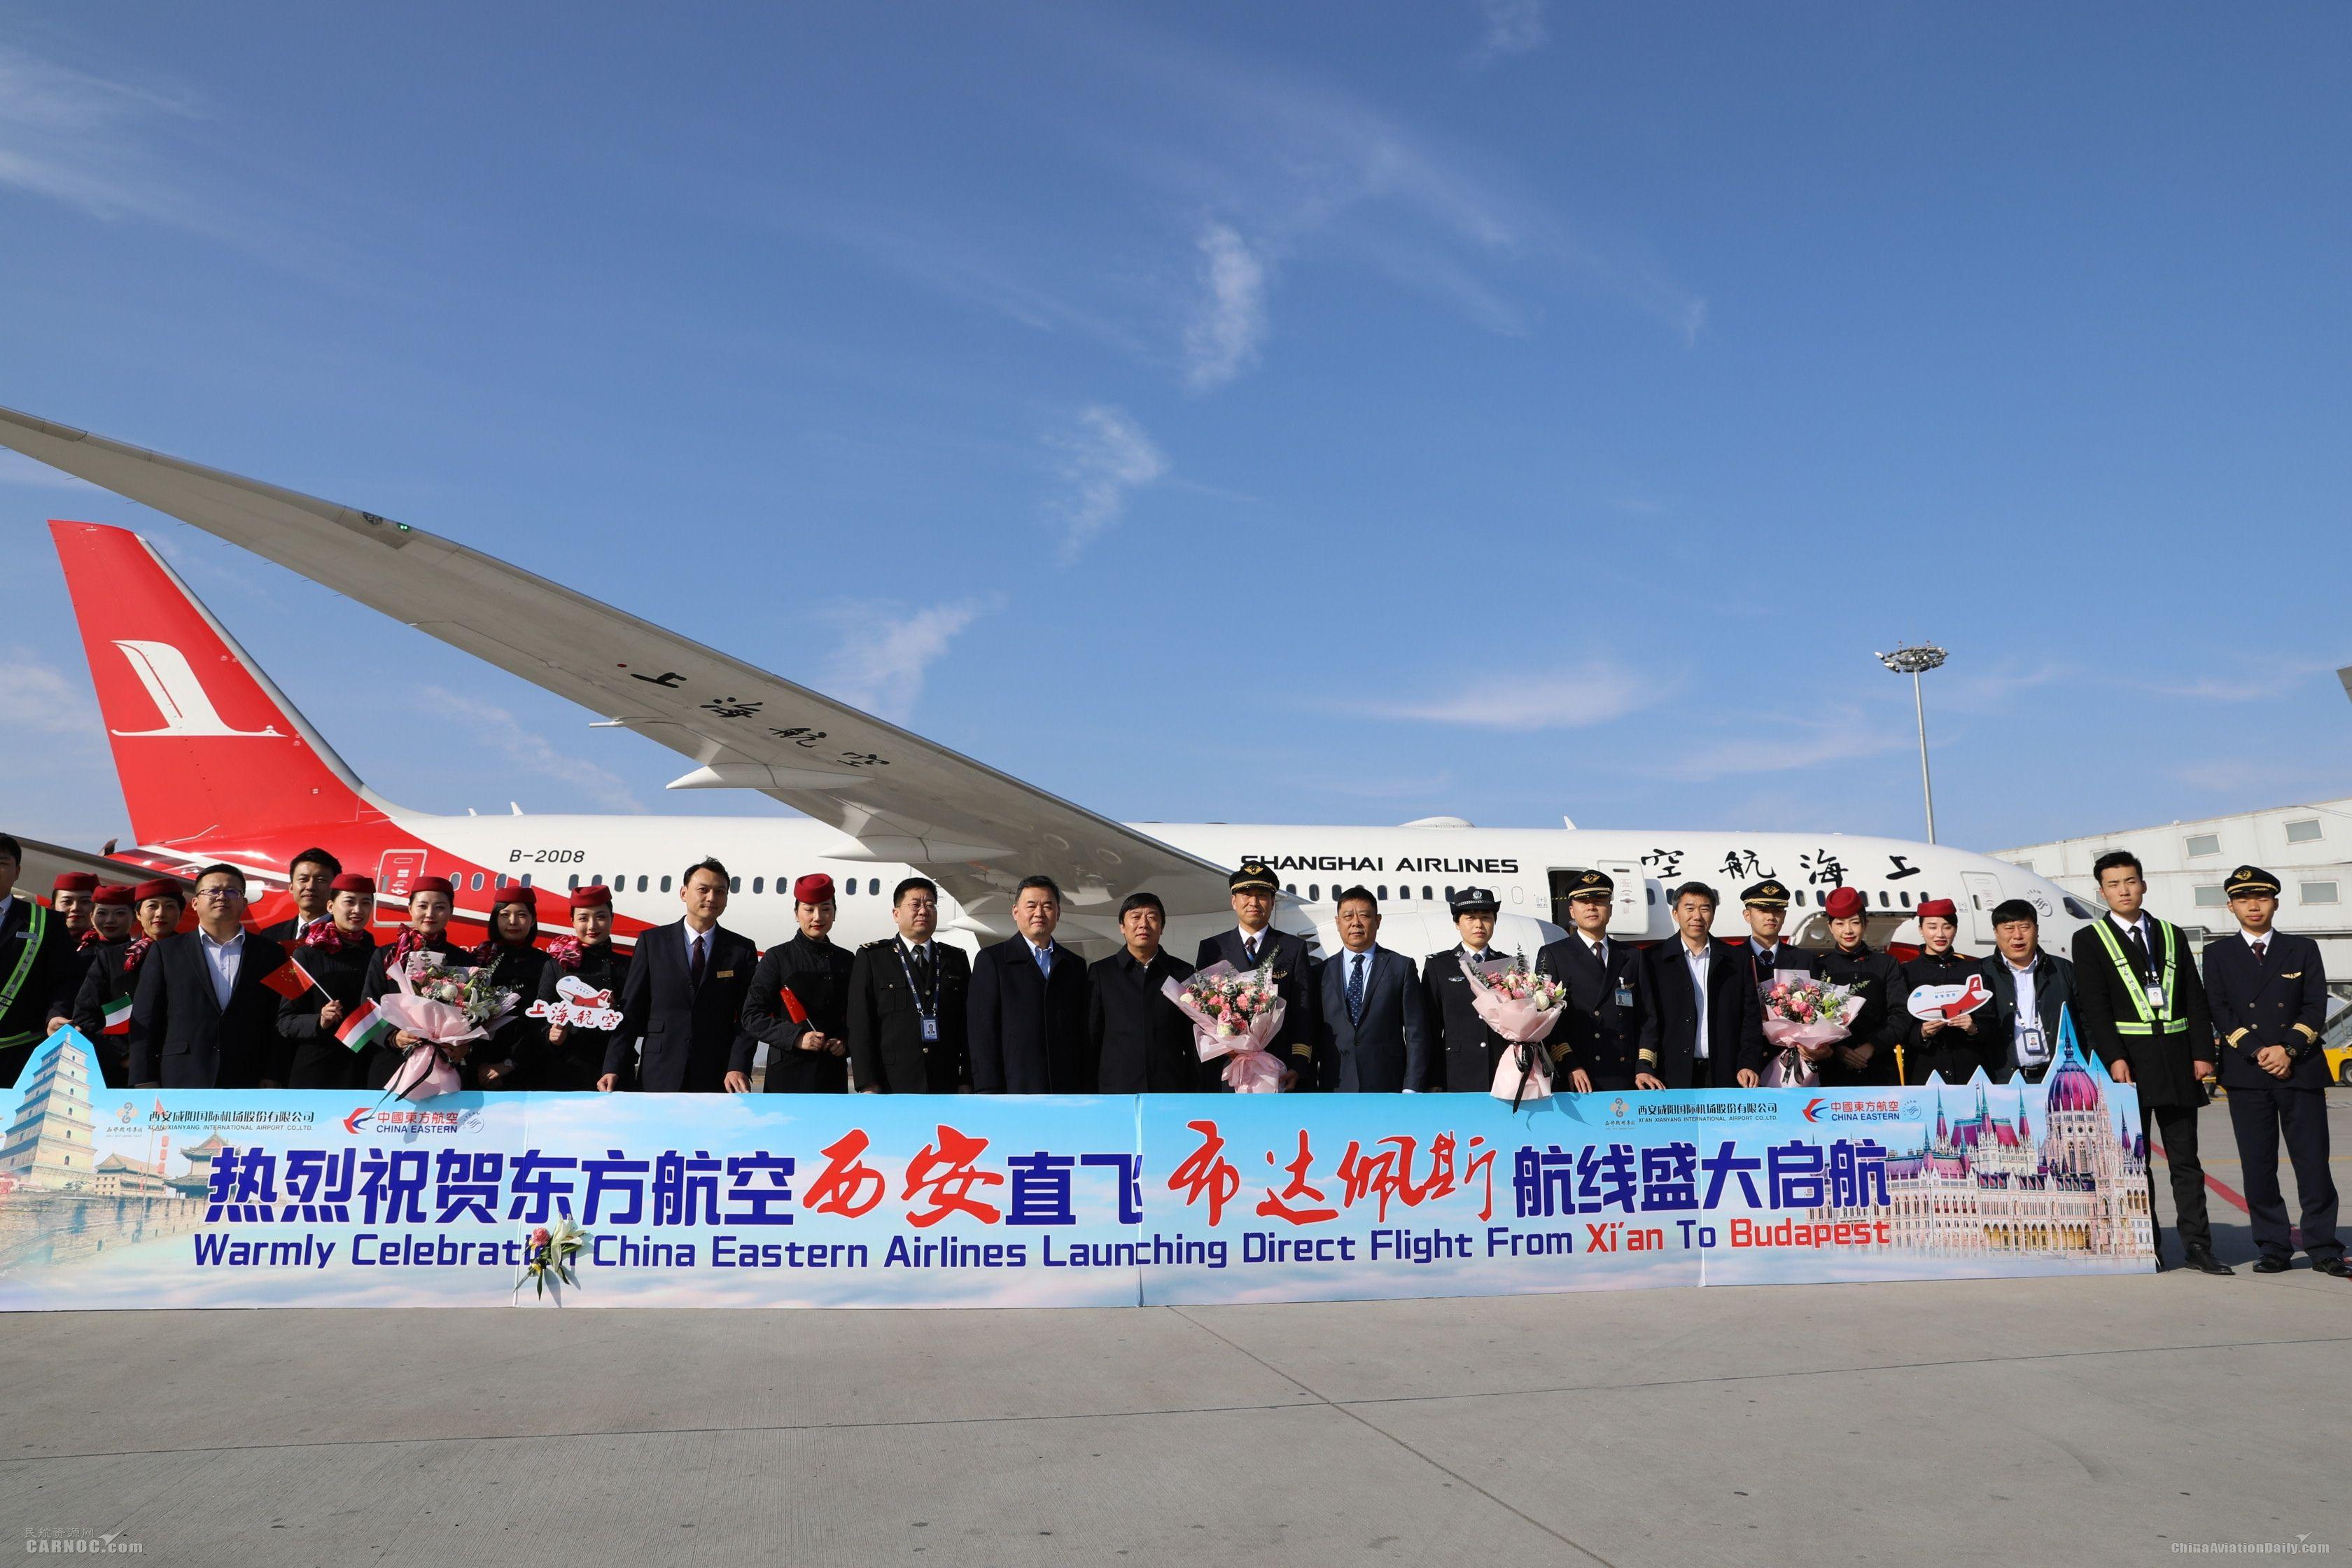 打通空中新通道 东航首班西安直飞布达佩斯航线开通